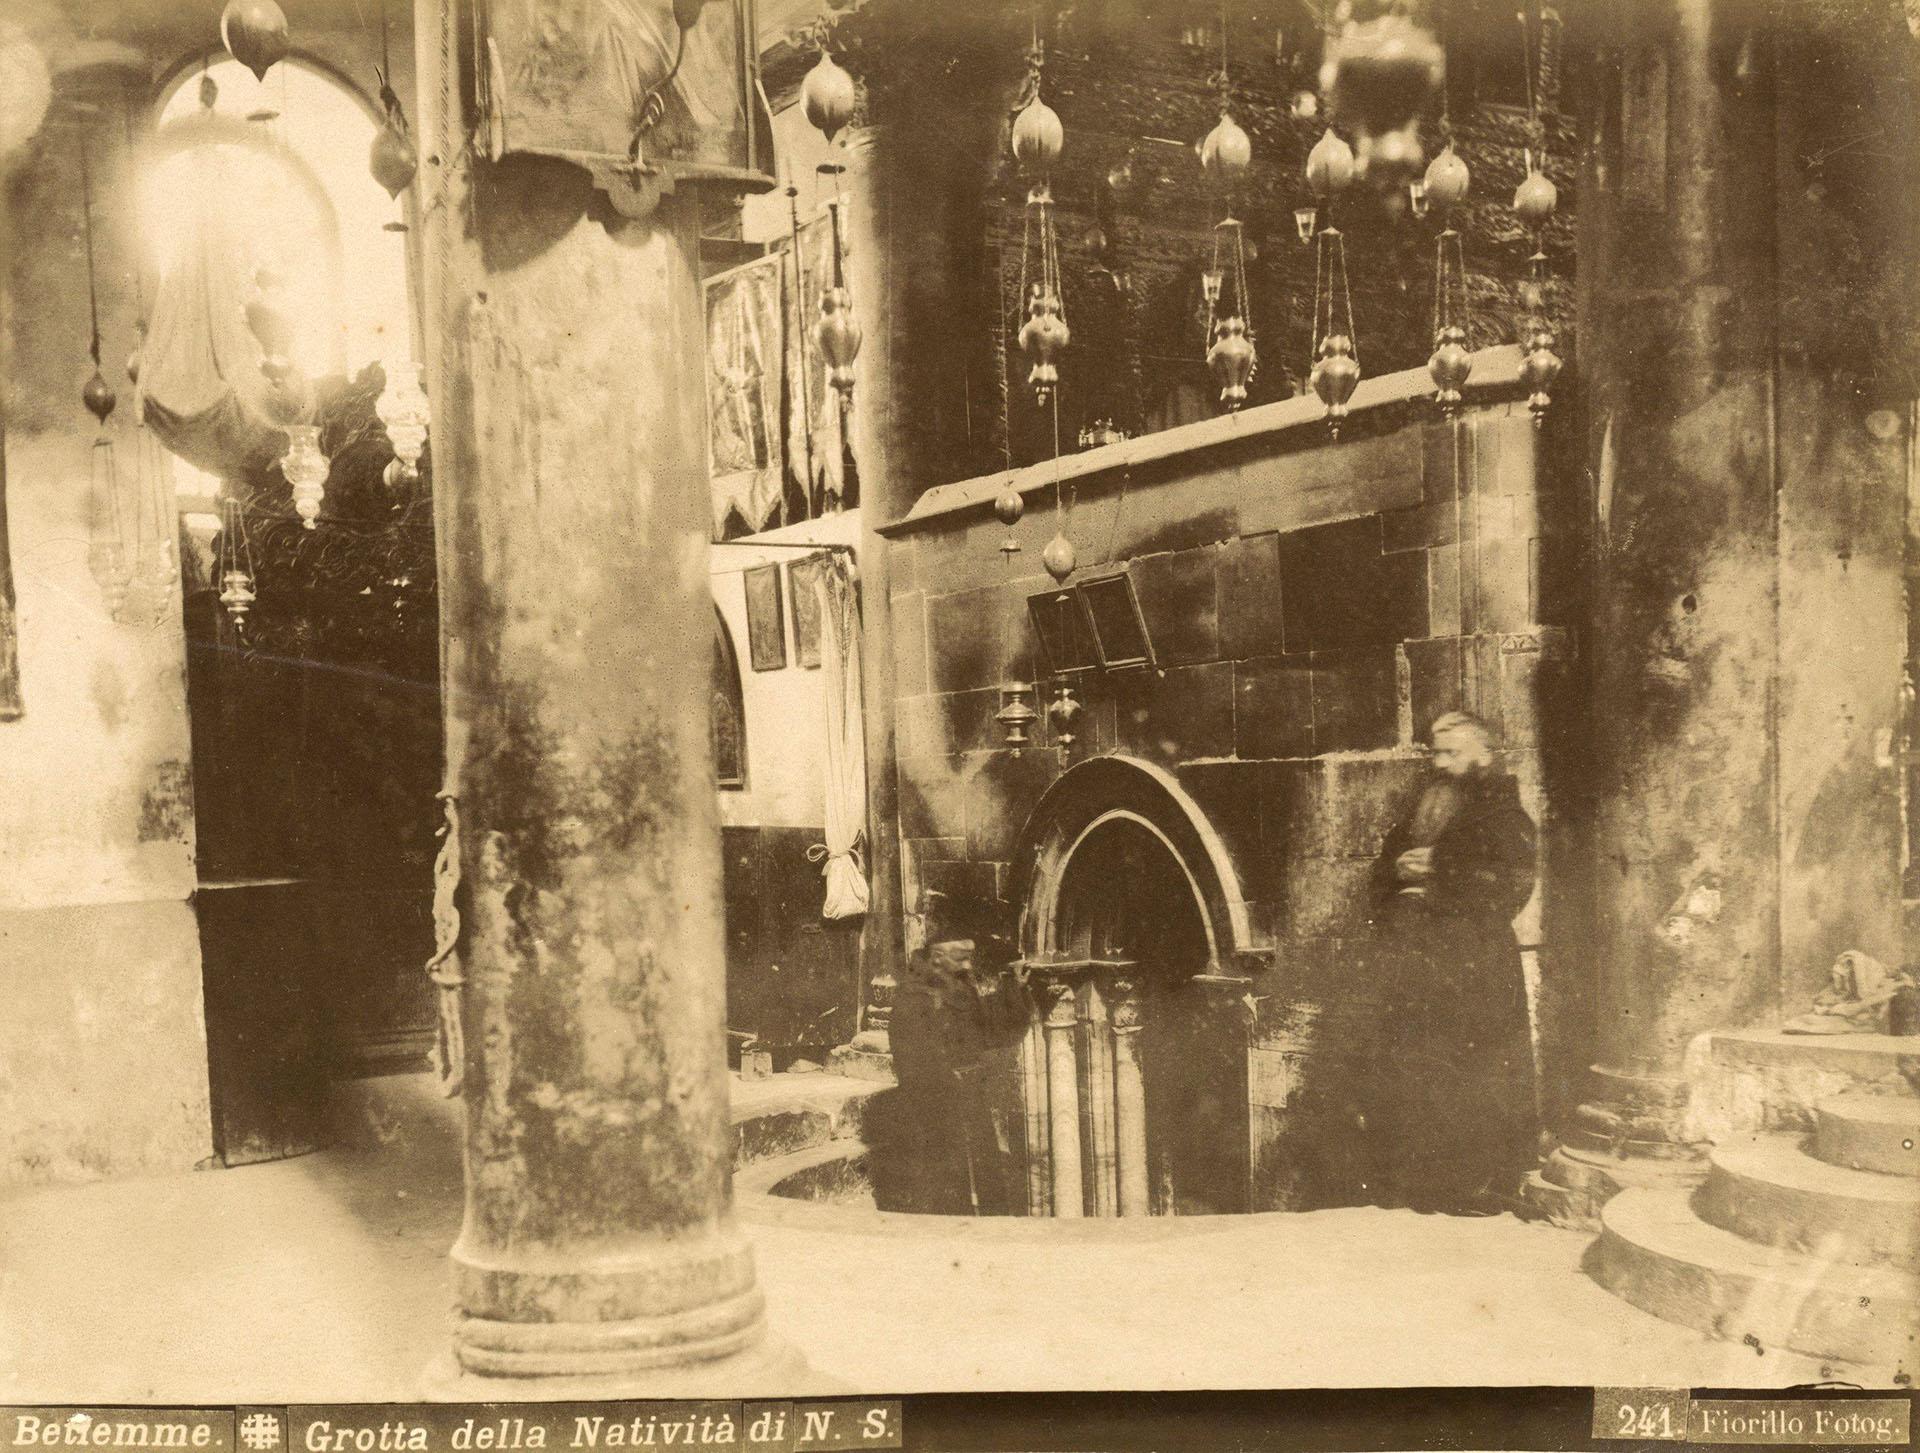 Elinterior de la Iglesia de la Natividad en Belén durante la década de 1880. Es el sitio más antiguo utilizado continuamente como lugar de culto en el cristianismo, y la basílica es la iglesia principal más antigua de Tierra Santa. Forma parte del álbum de L. Florillo. EFE/Jacob Wahrman Archive